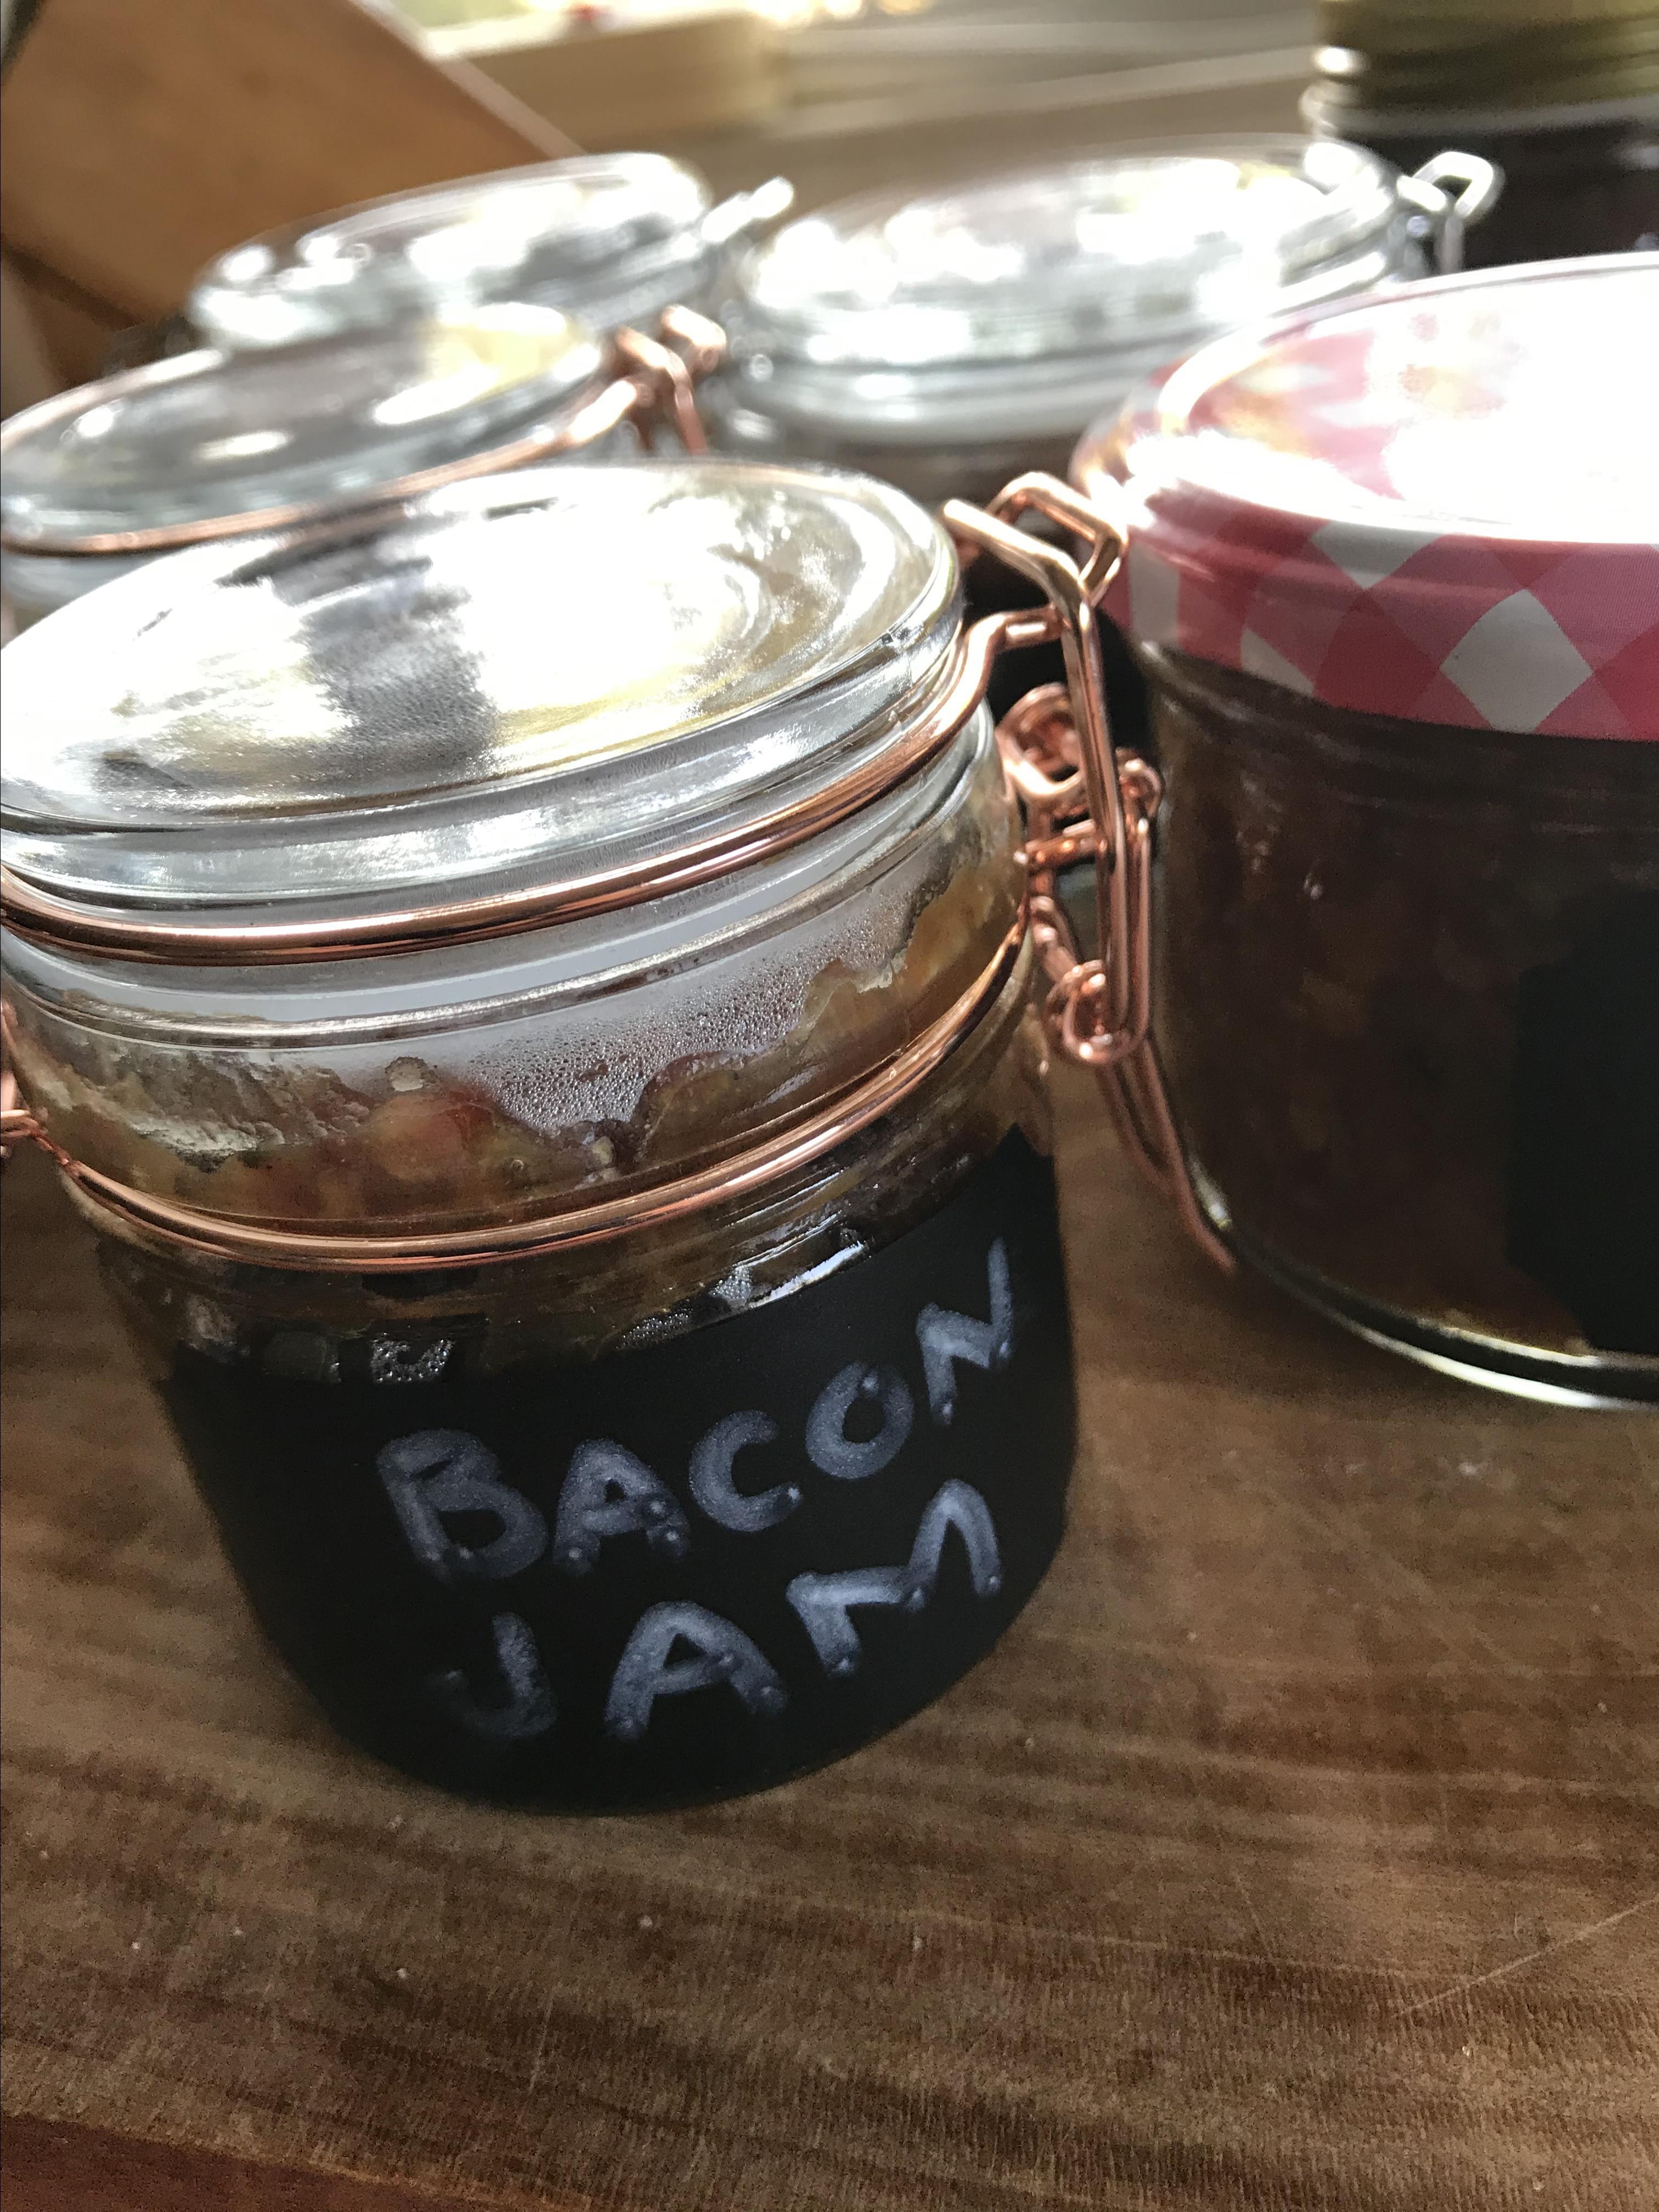 Chef John's Bacon Jam Tina Marie Chetti